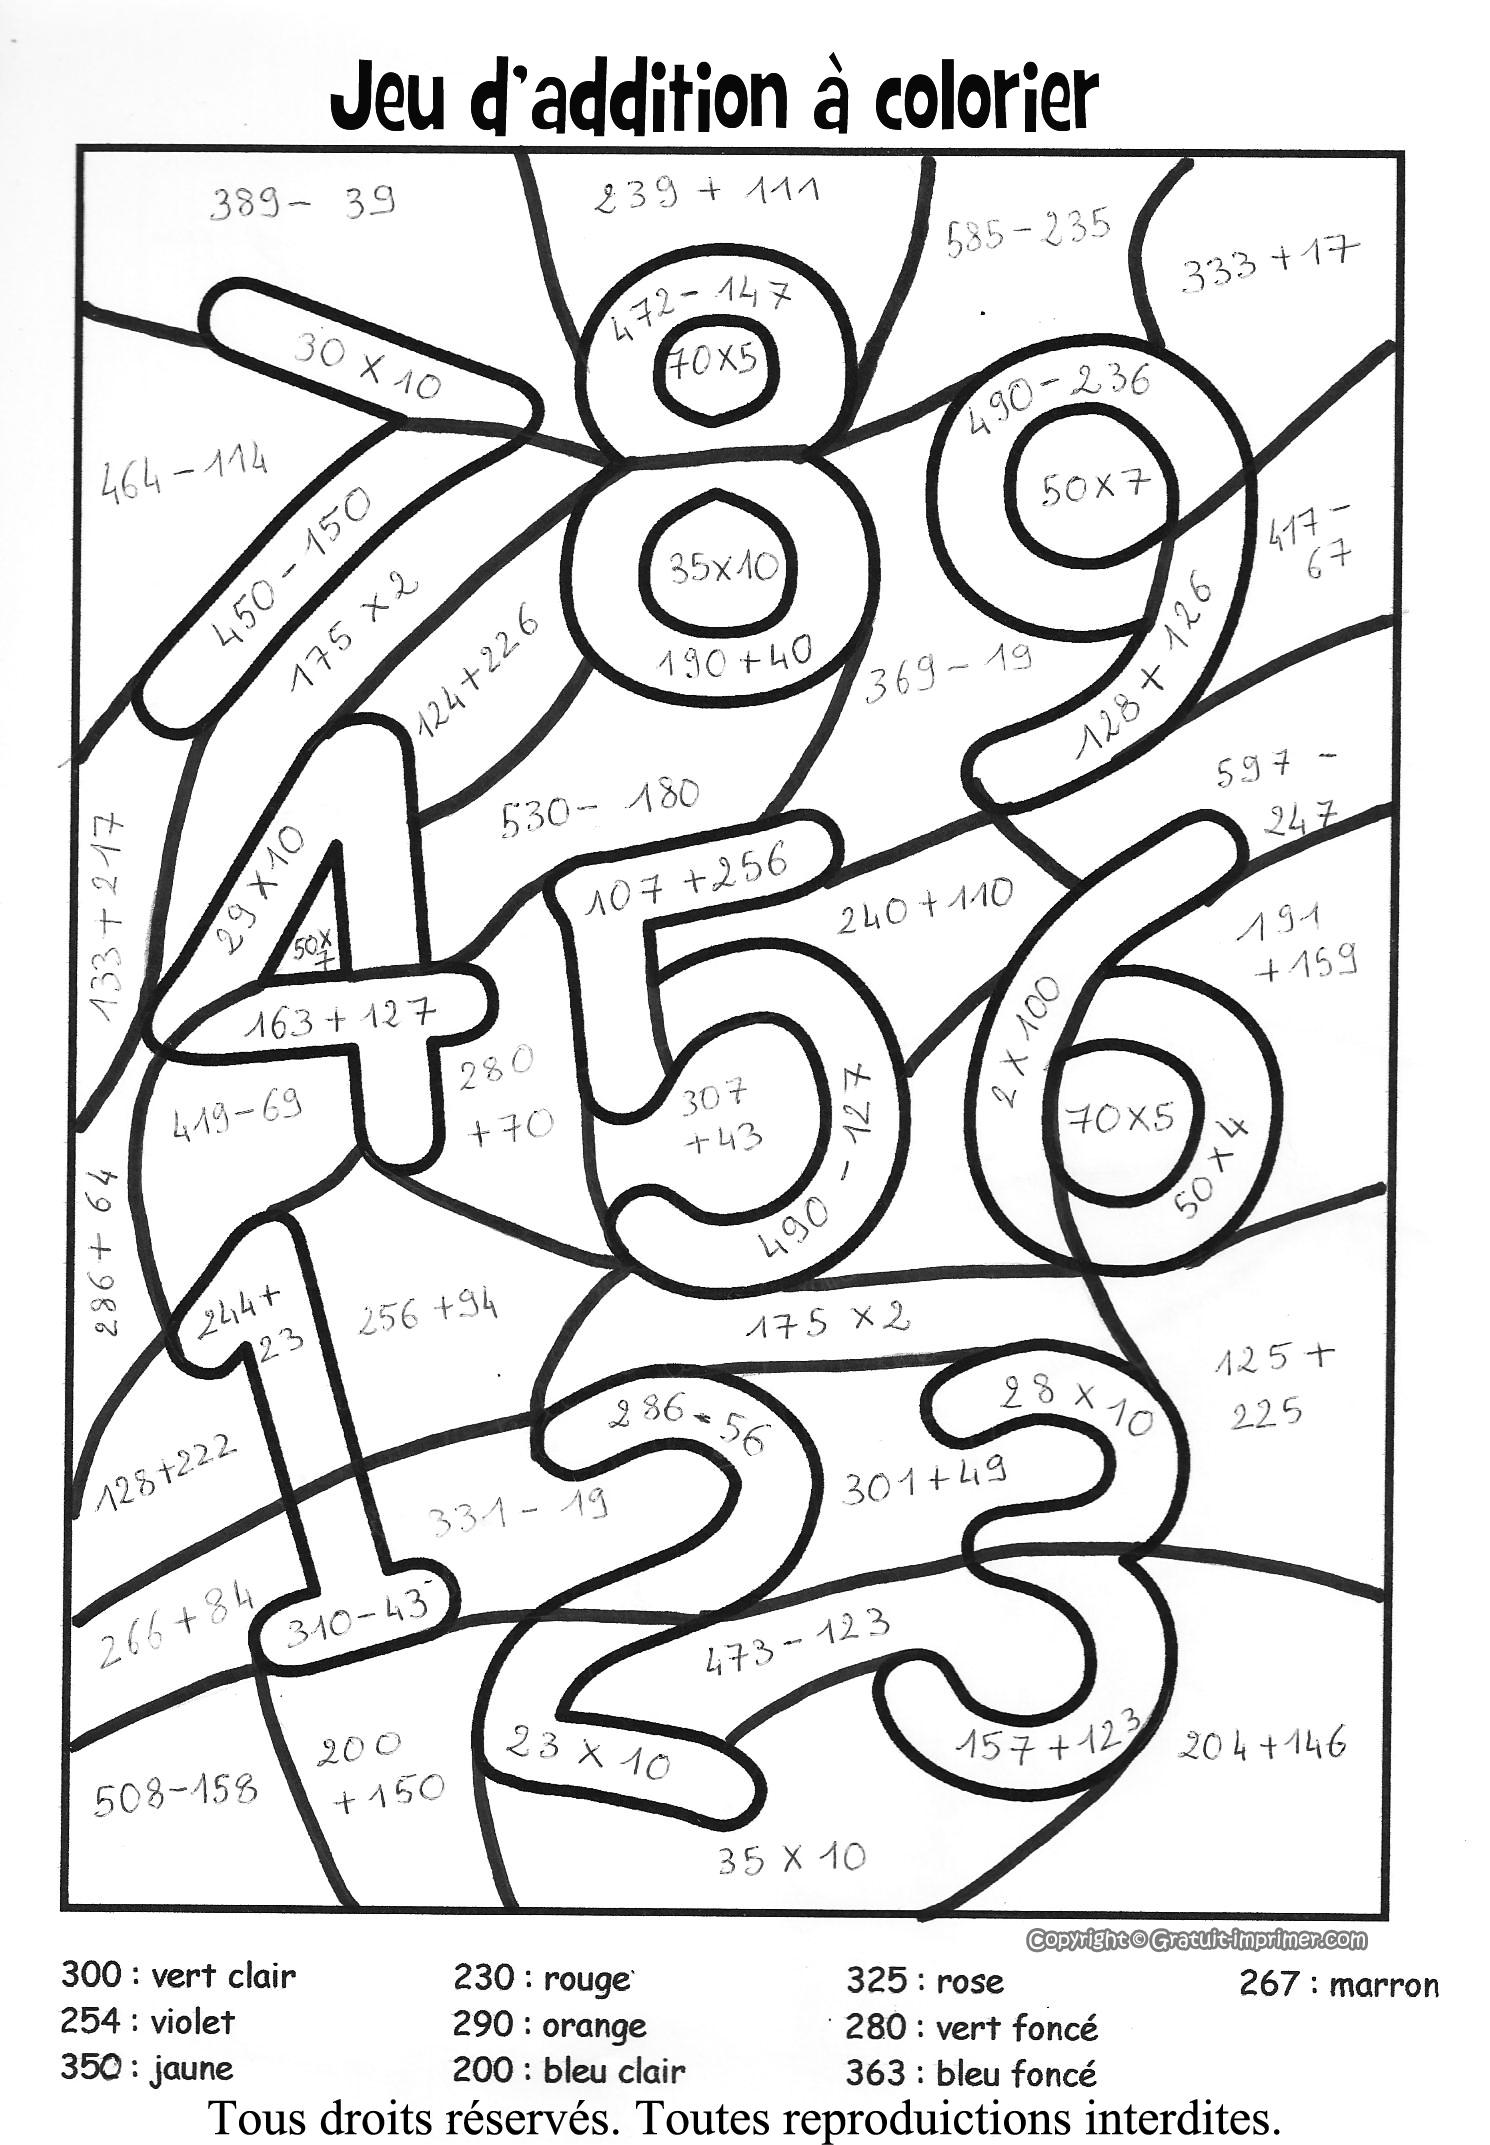 22 Dessins De Coloriage Magique Multiplication À Imprimer intérieur Coloriage Magique Dur